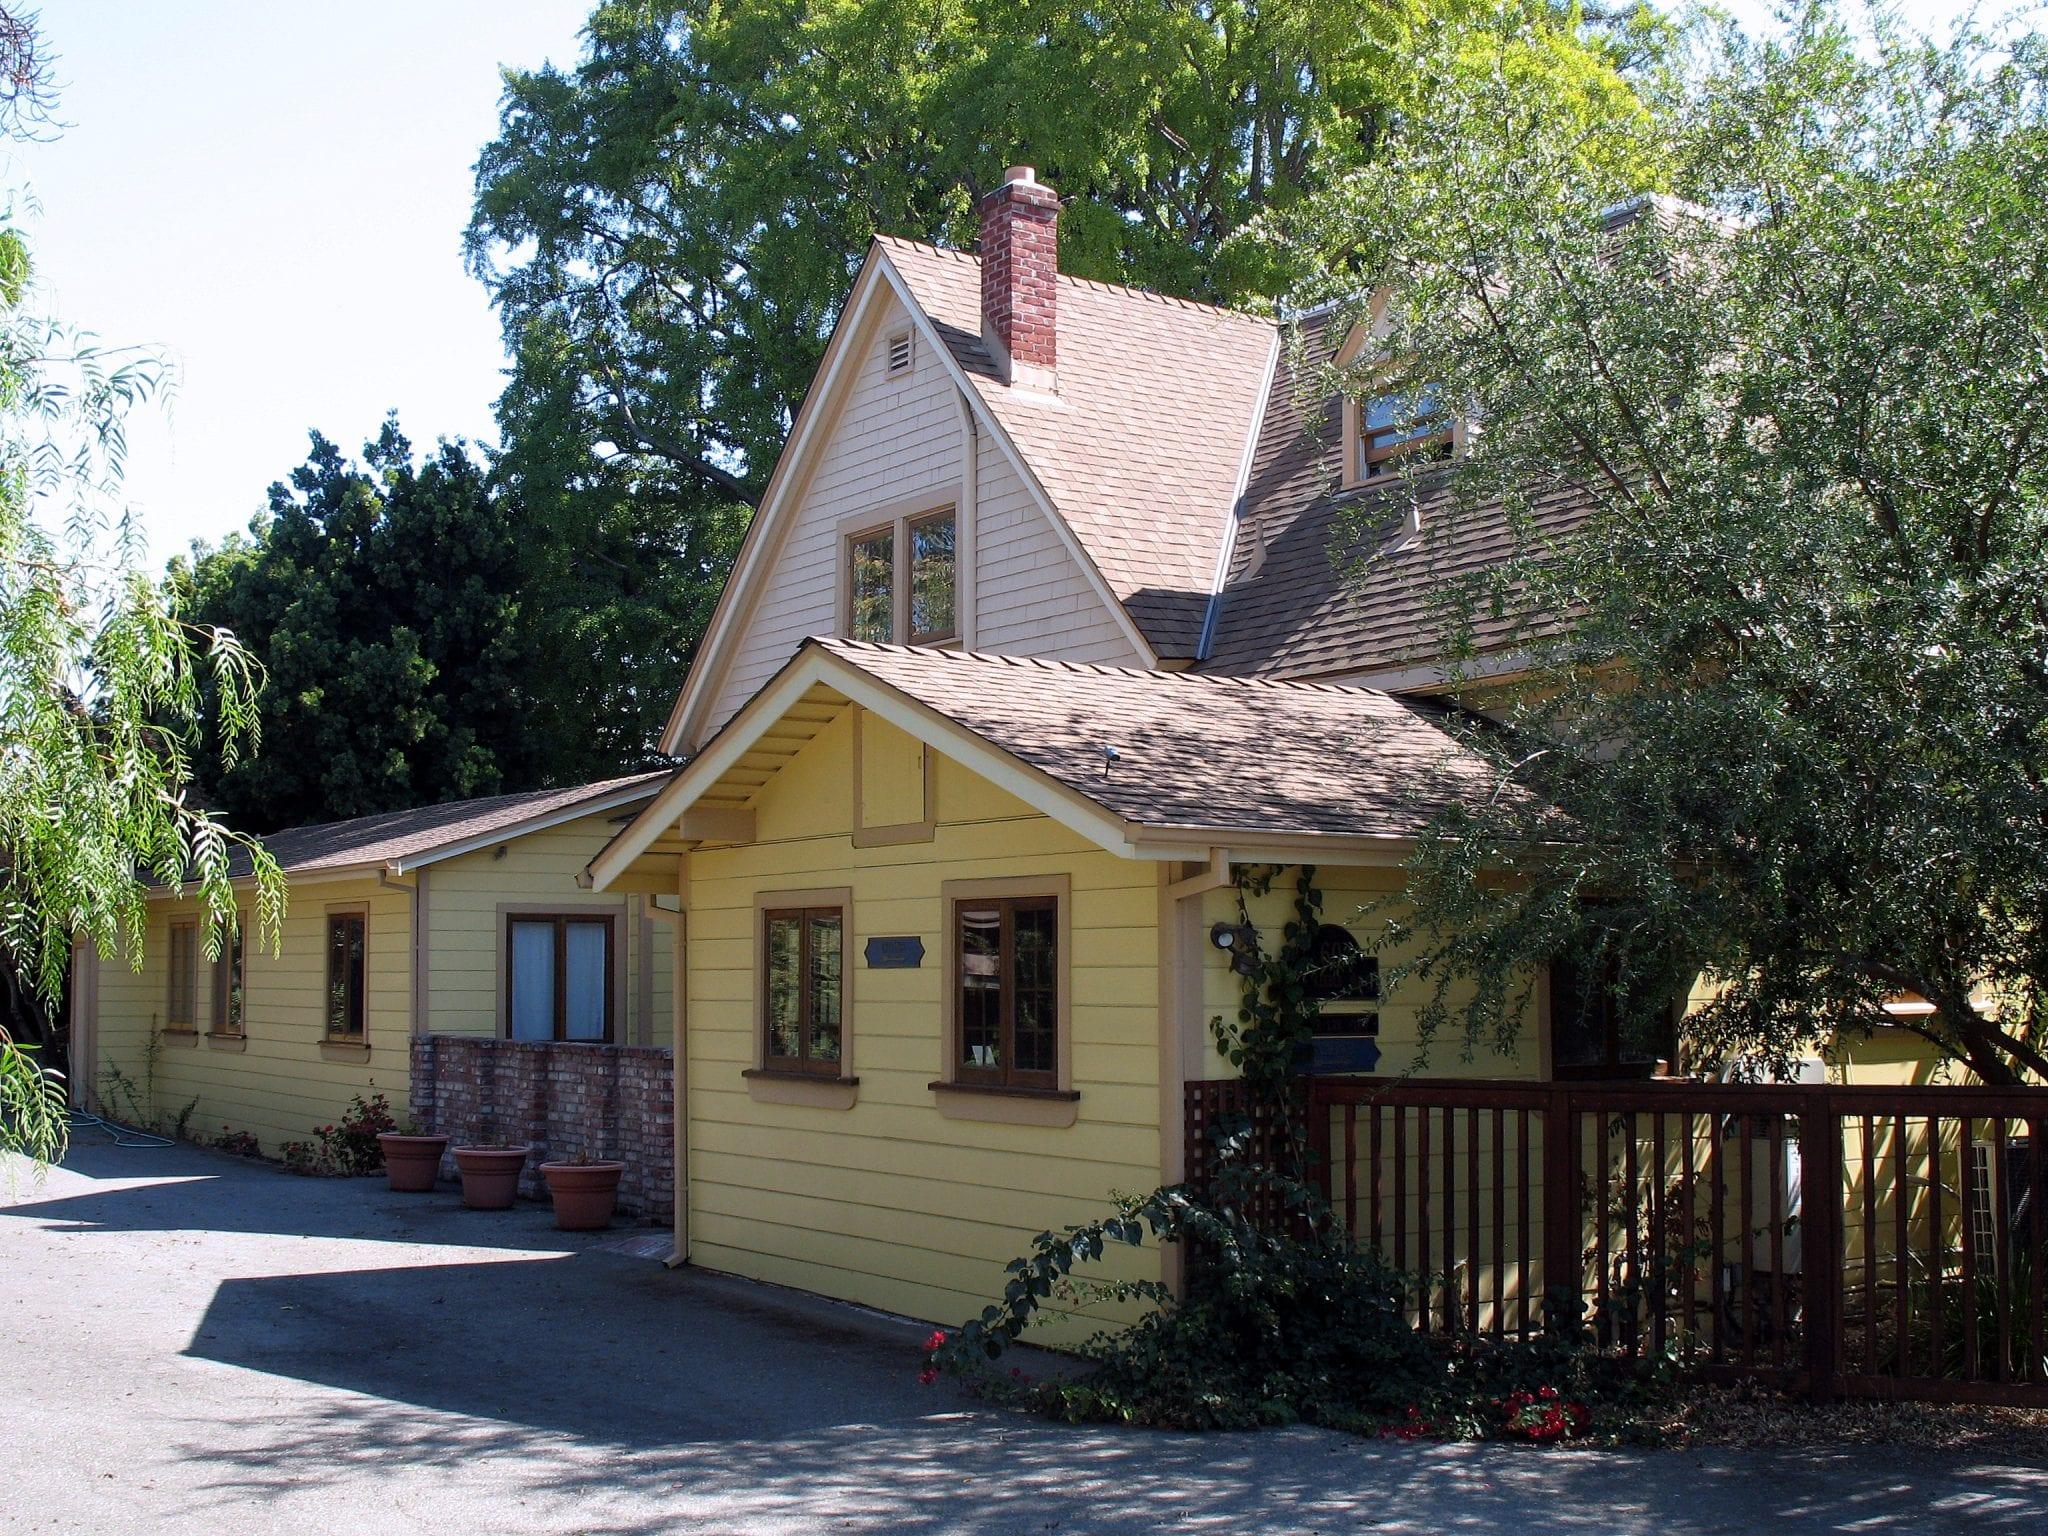 Kelowna Real Estate - Carriage Houses